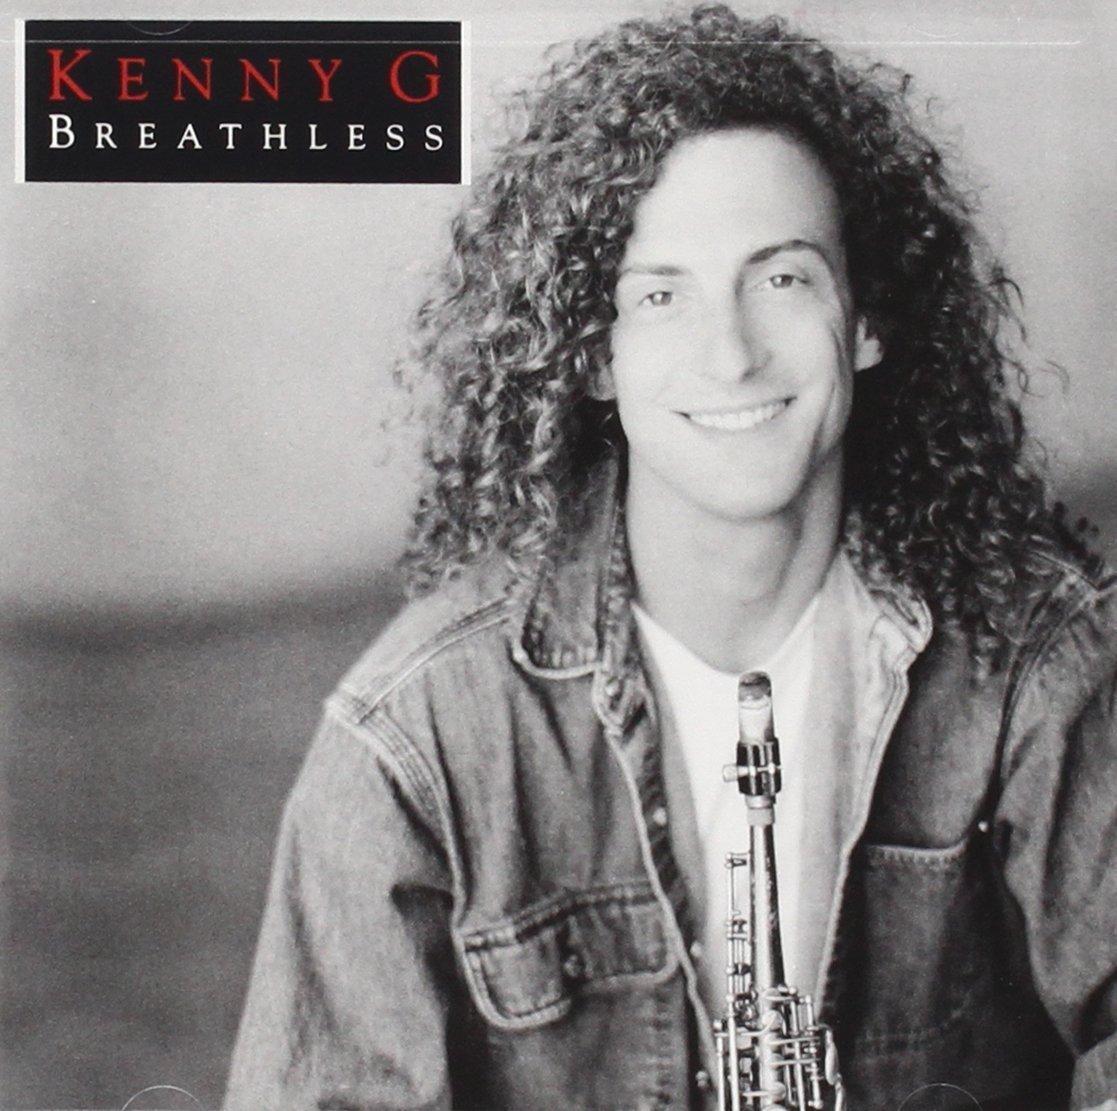 Breathless Kenny G